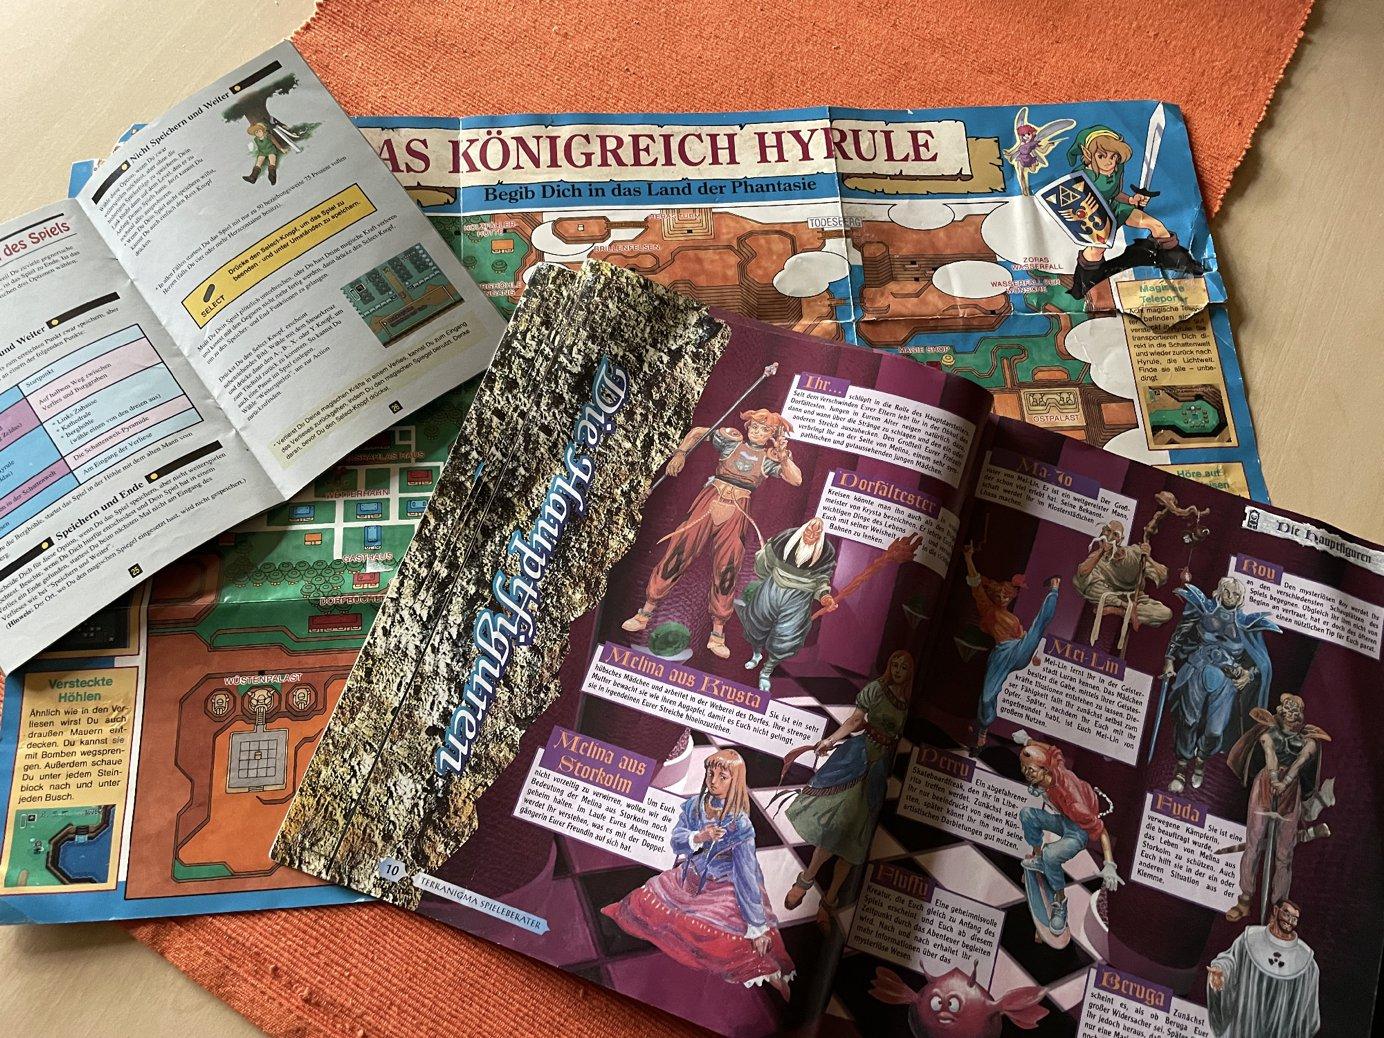 Einige alte Magazine und Anleitung aus Privatbesitz. (Bild: Florian Auer)